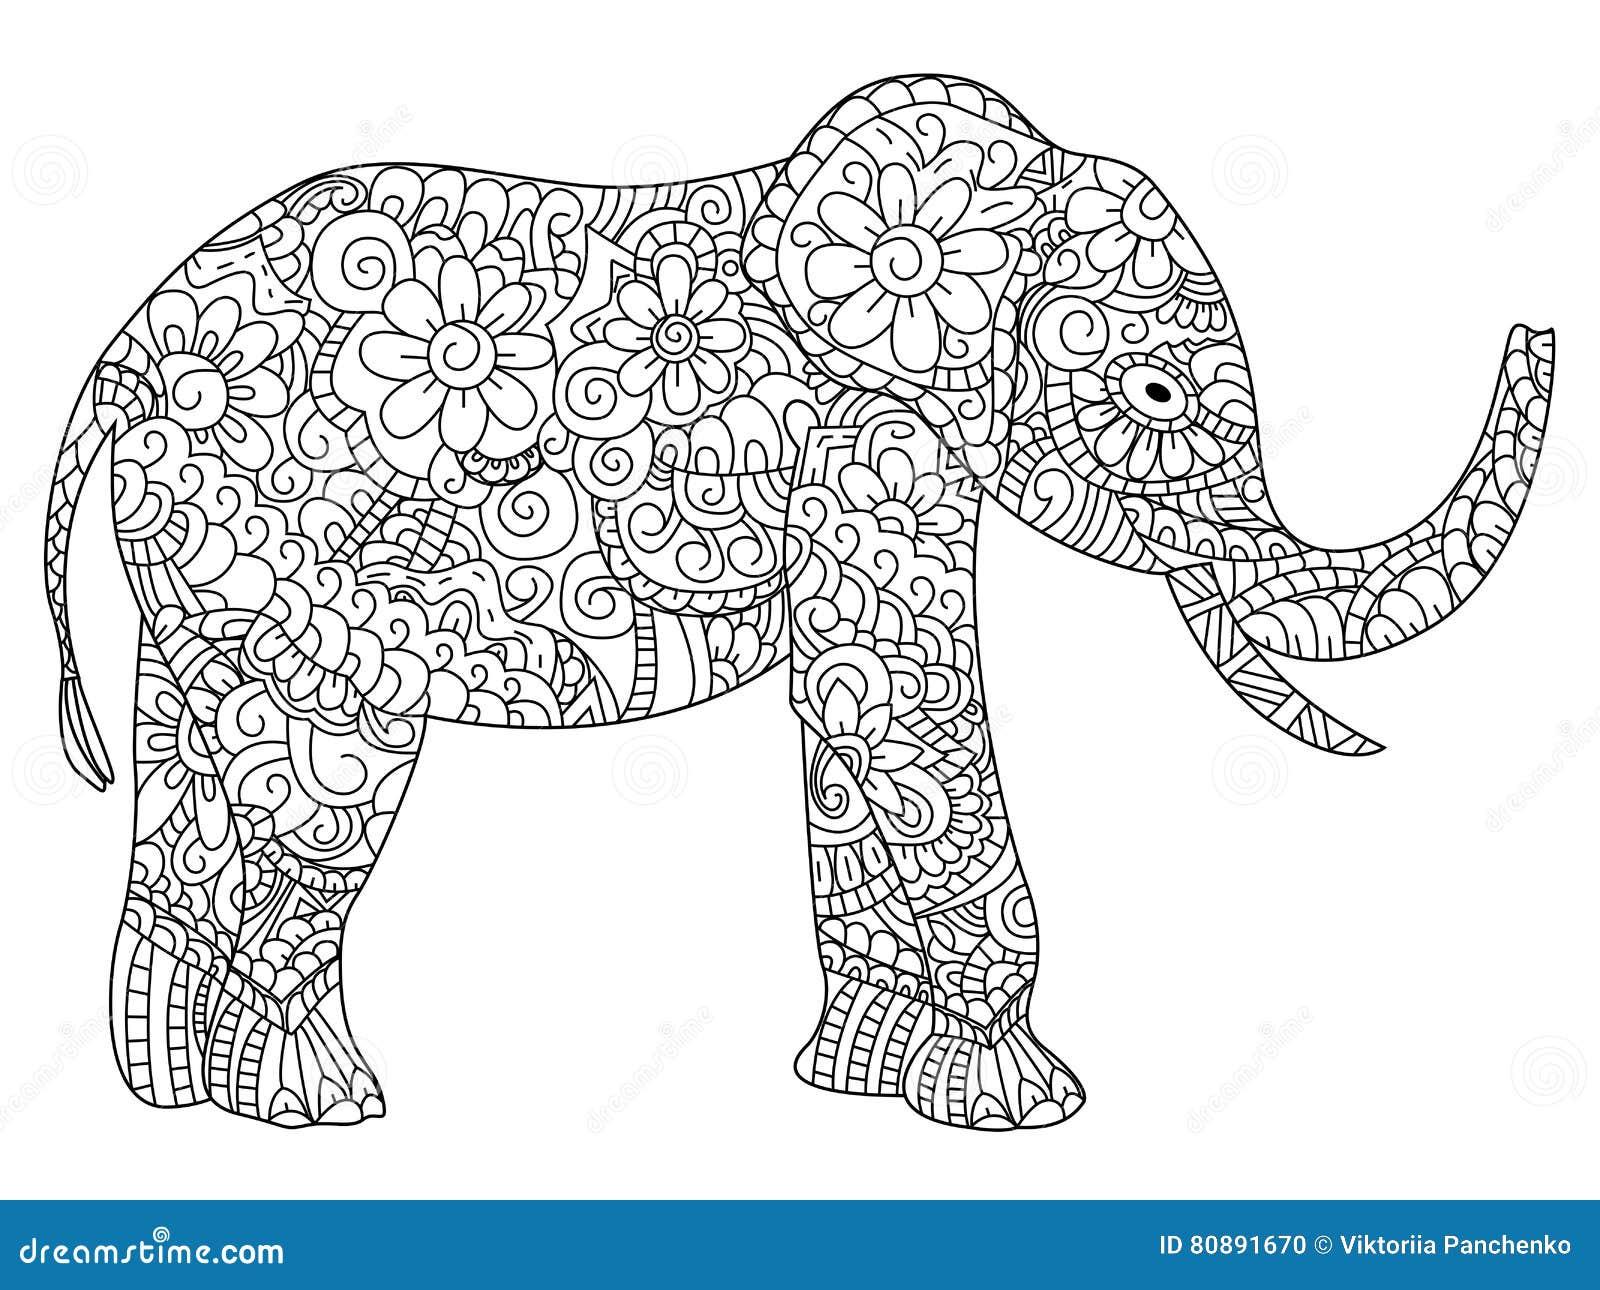 Pagine Da Colorare Per Adulti Libro Modello Astratto: Vettore Del Libro Da Colorare Dell'elefante Per Gli Adulti